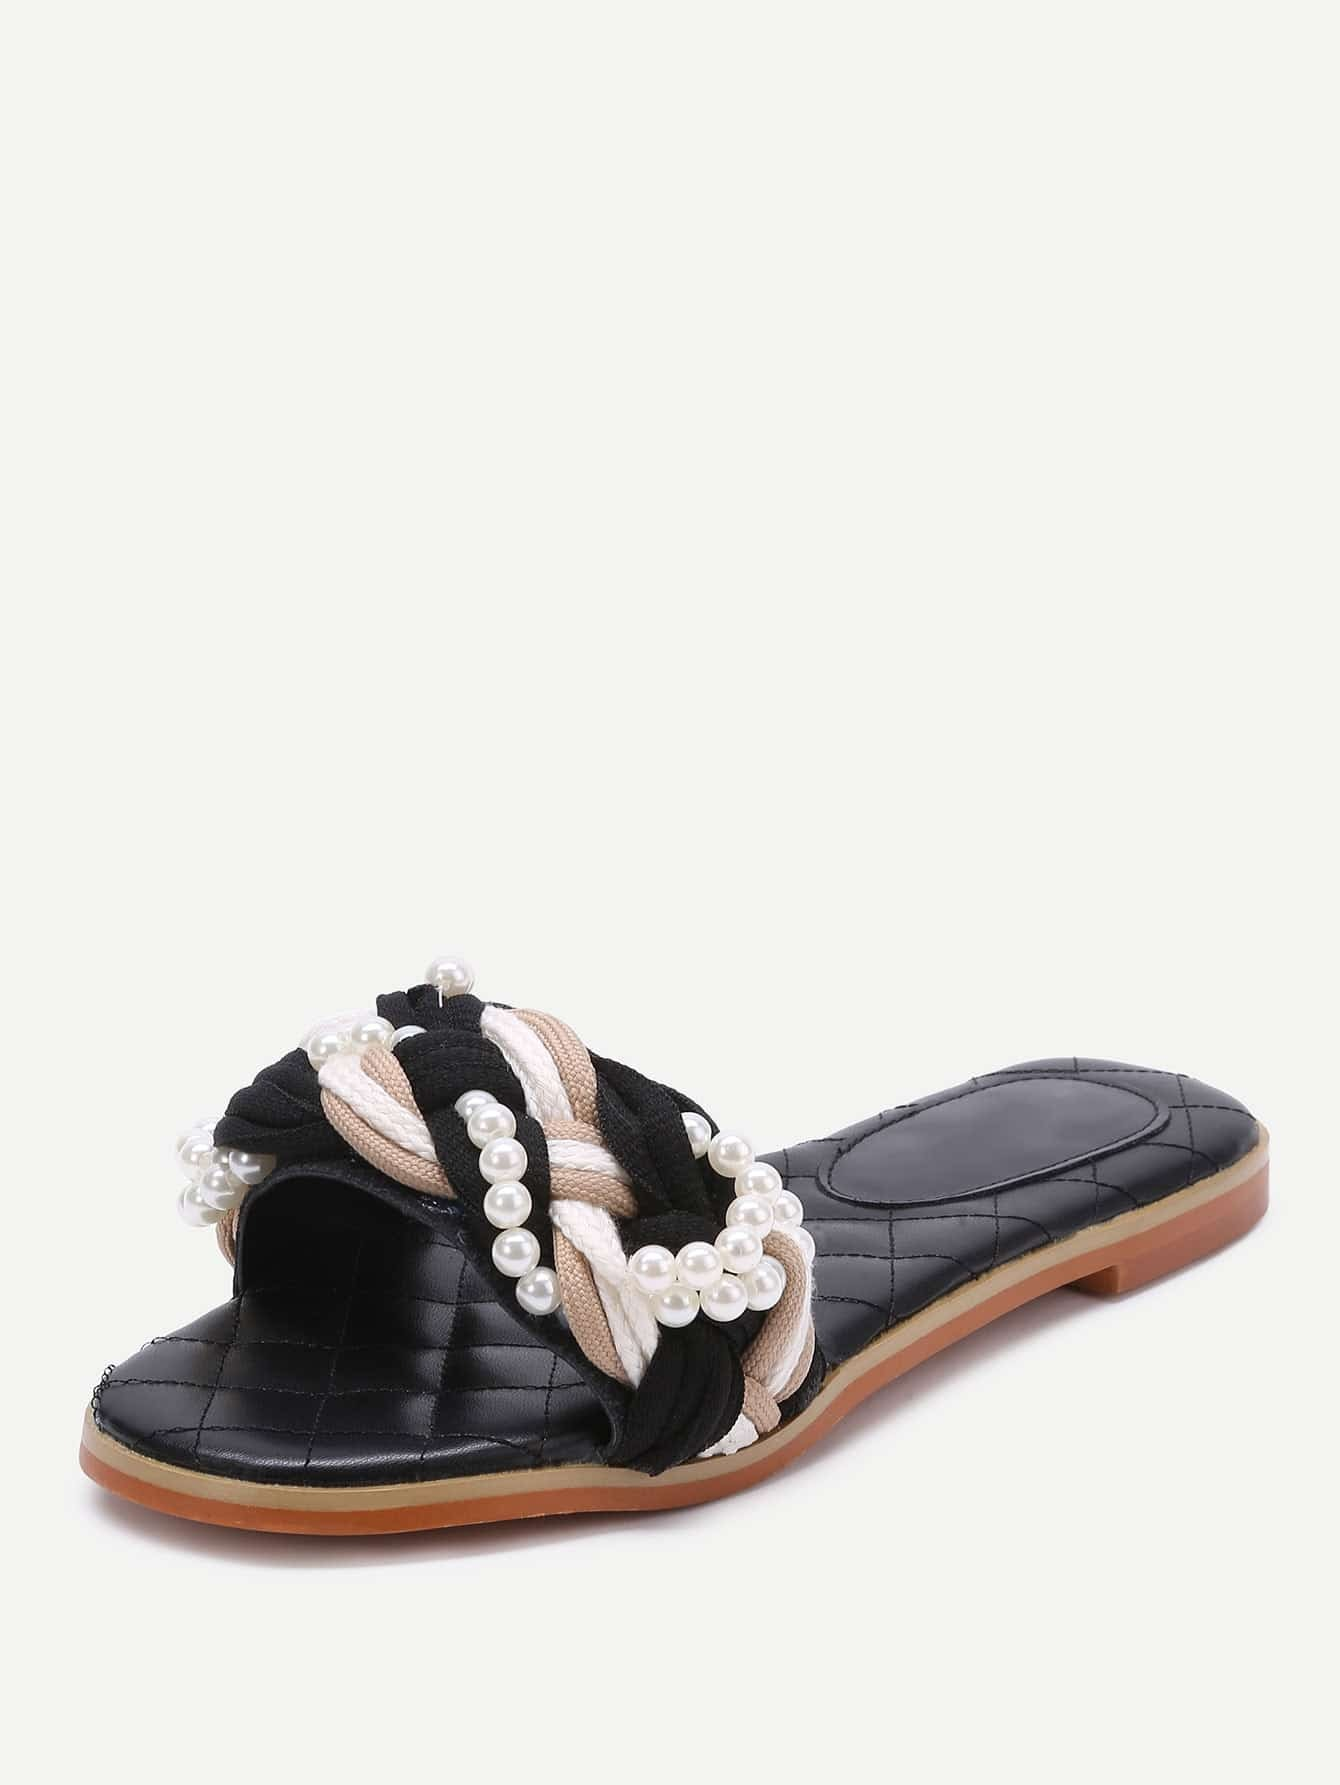 shoes170207810_2